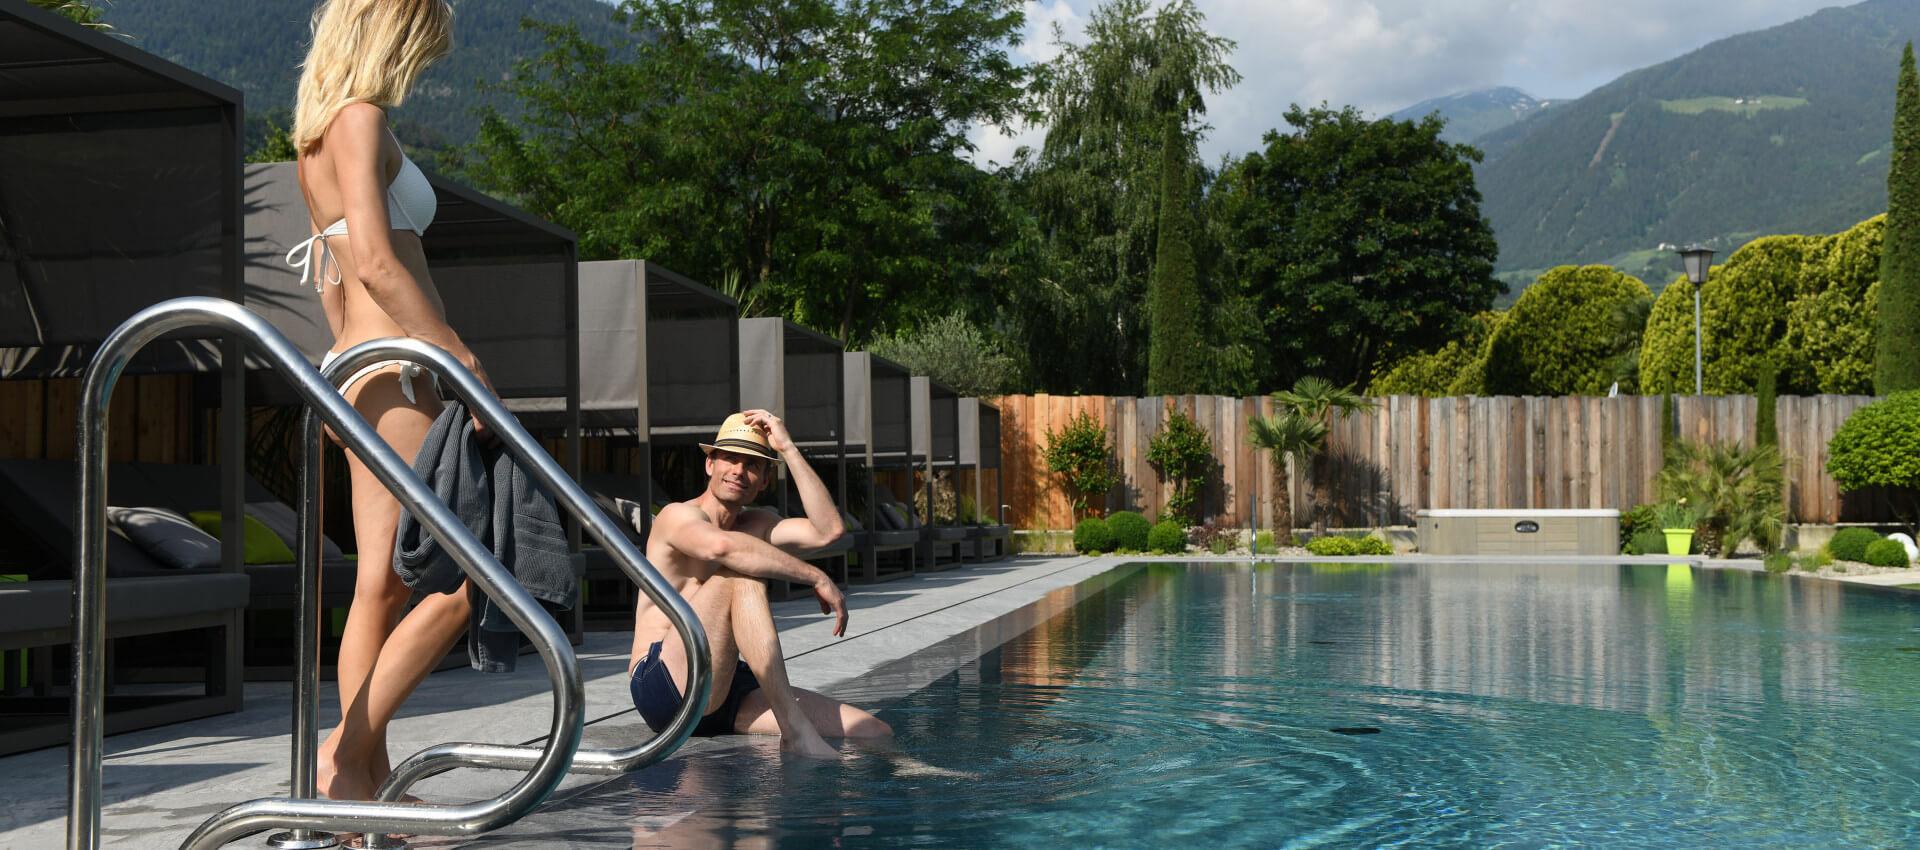 Hotel bei Meran in Lana, Wellnessurlaub Südtirol